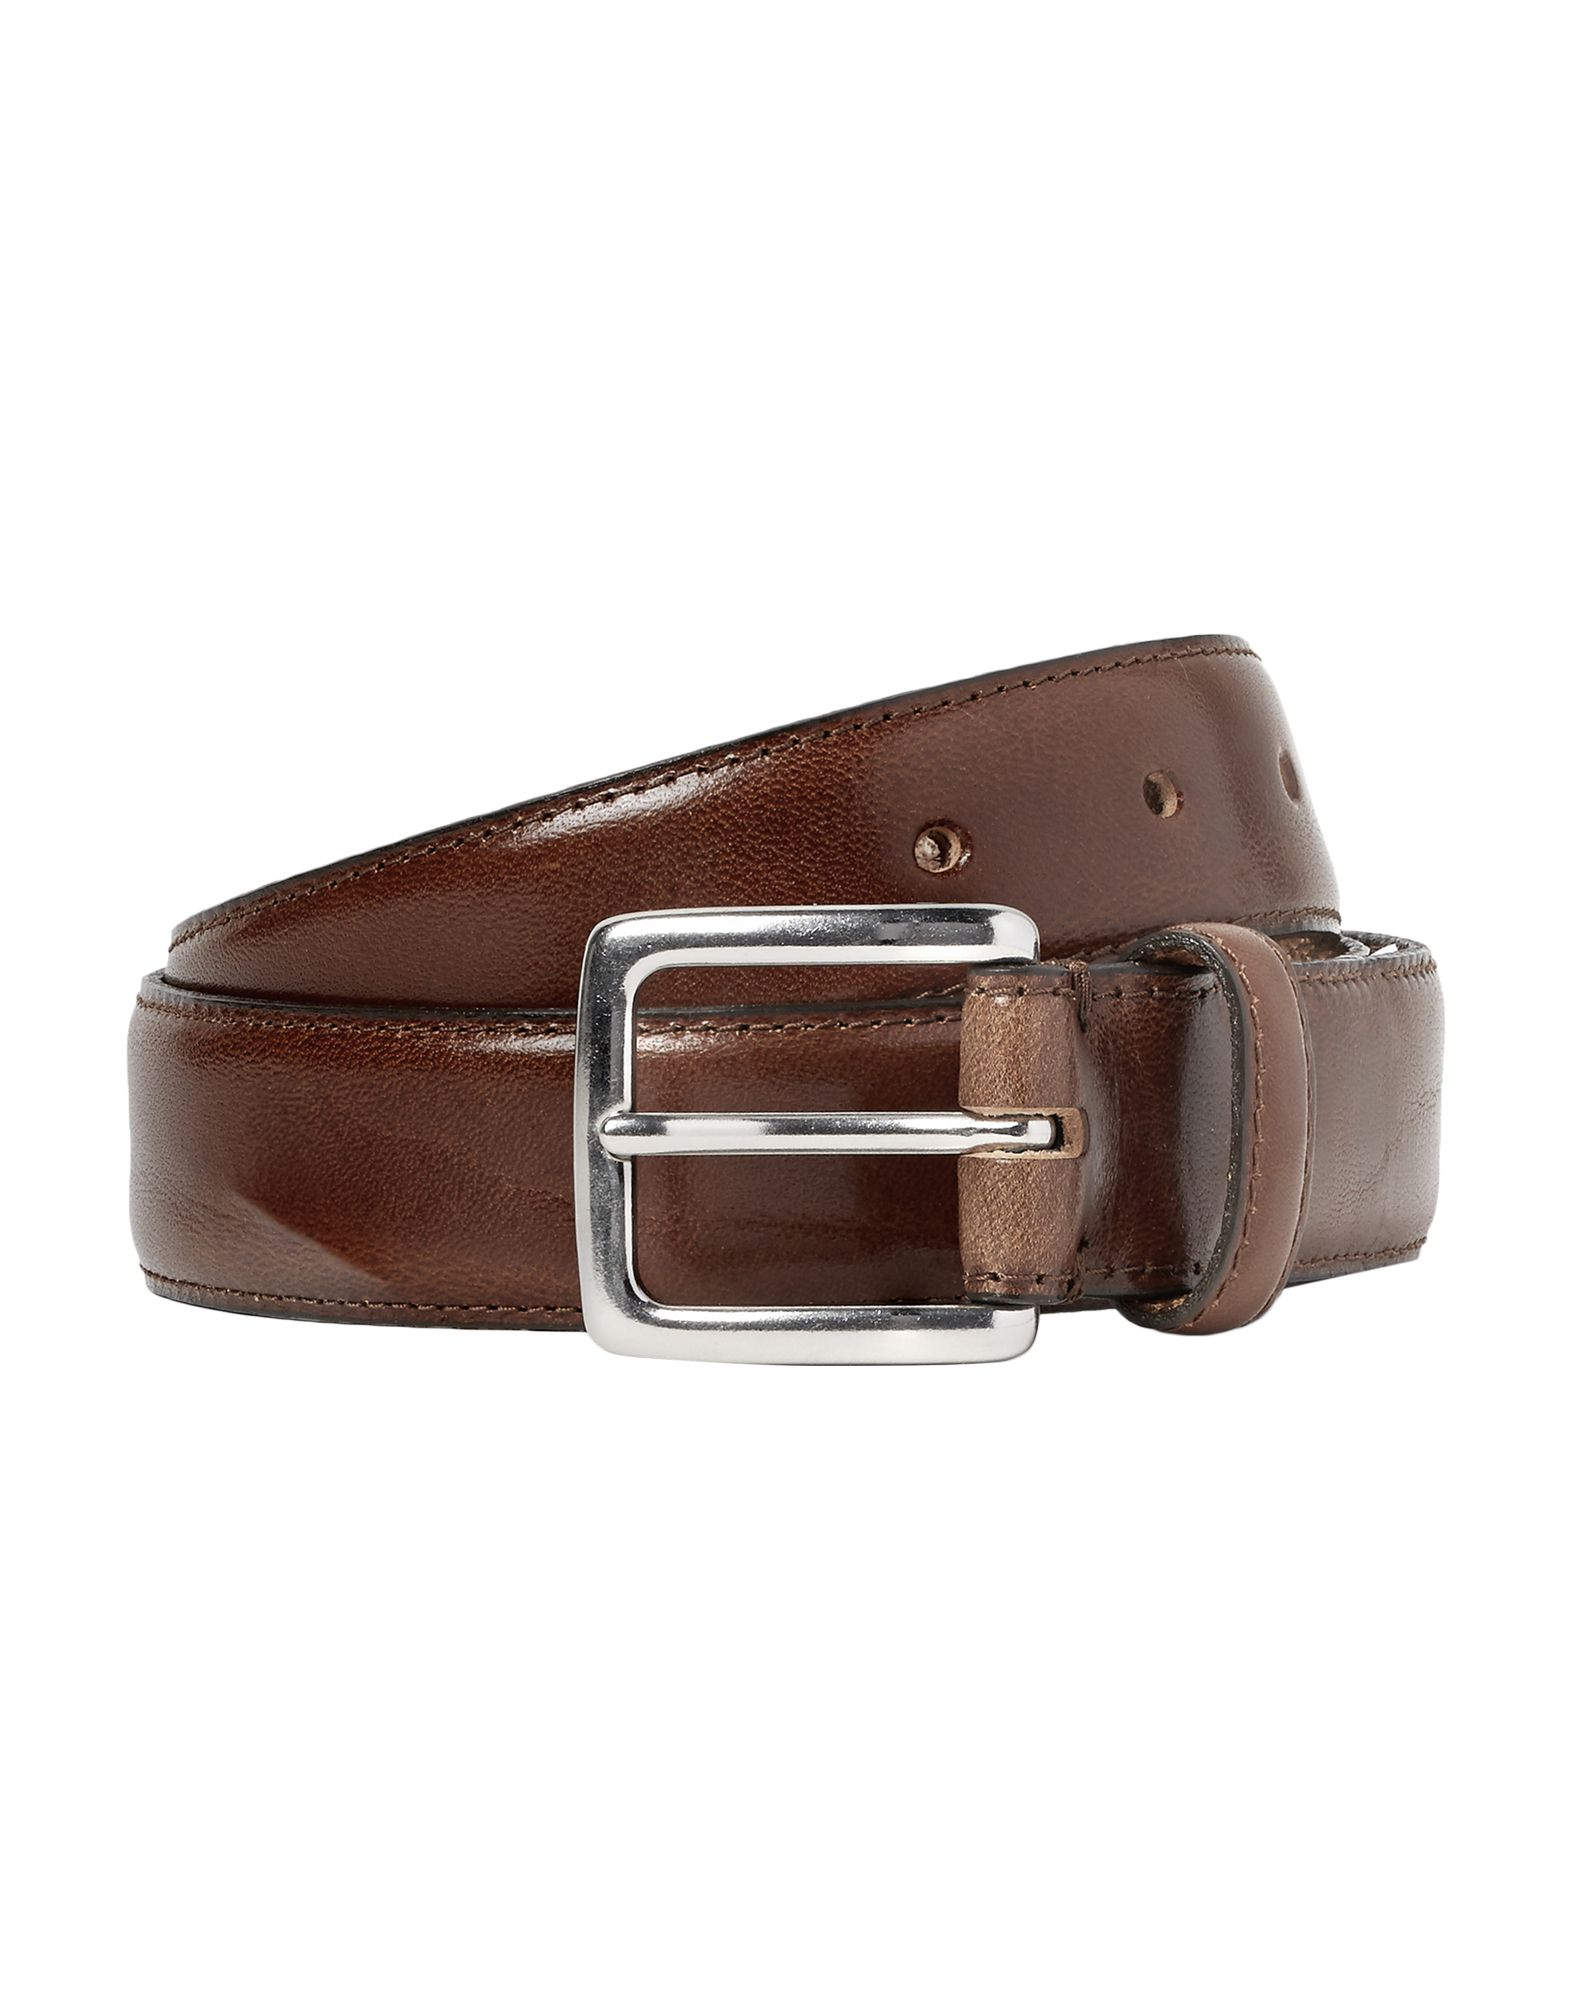 J.CREW Belts. no appliqués, solid color, buckle, standard, contains non-textile parts of animal origin. 100% Soft Leather